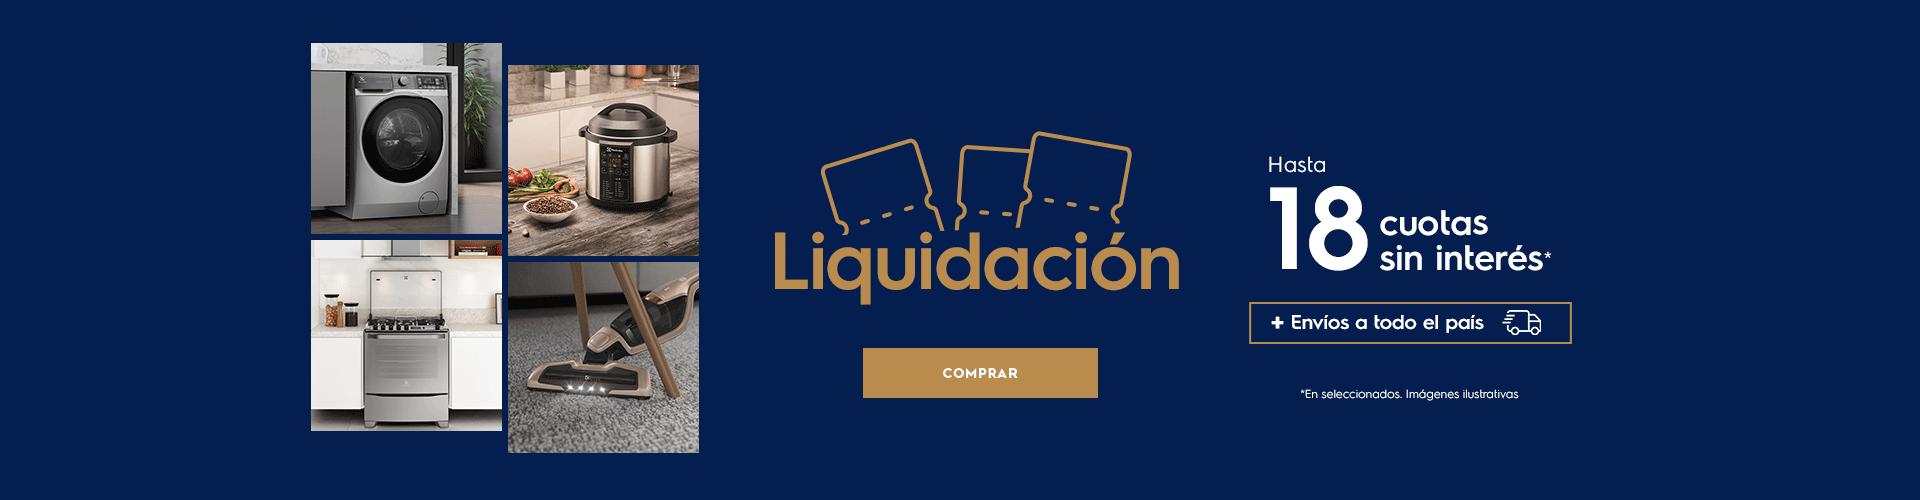 Liquidación